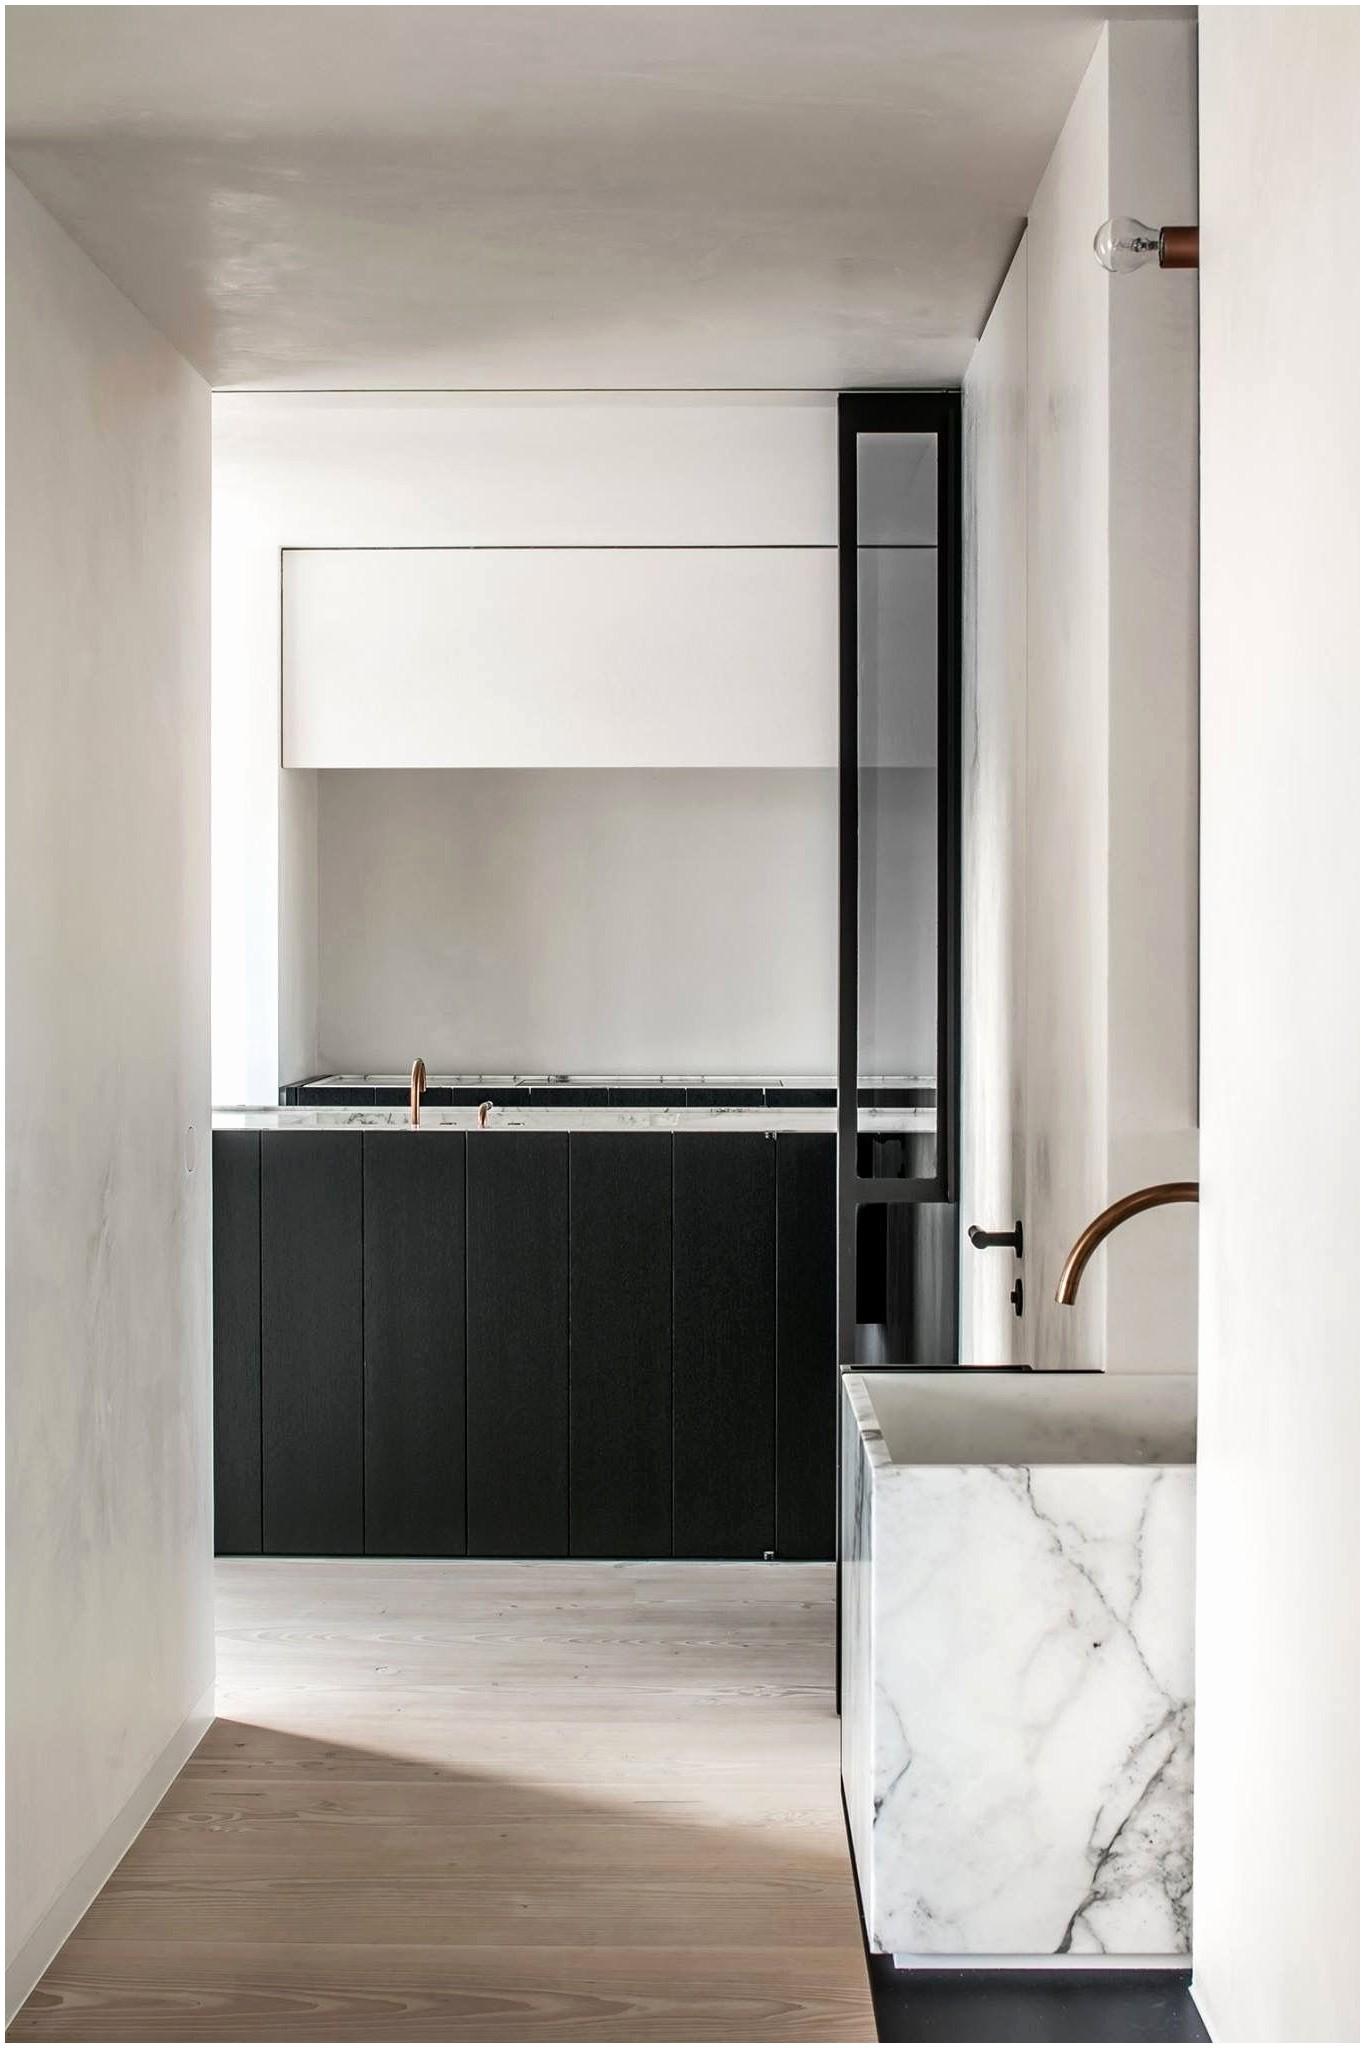 Maison Interieur Luxe Inspirant Image 12 Beau Cuisine Exterieure Intérieur De La Maison